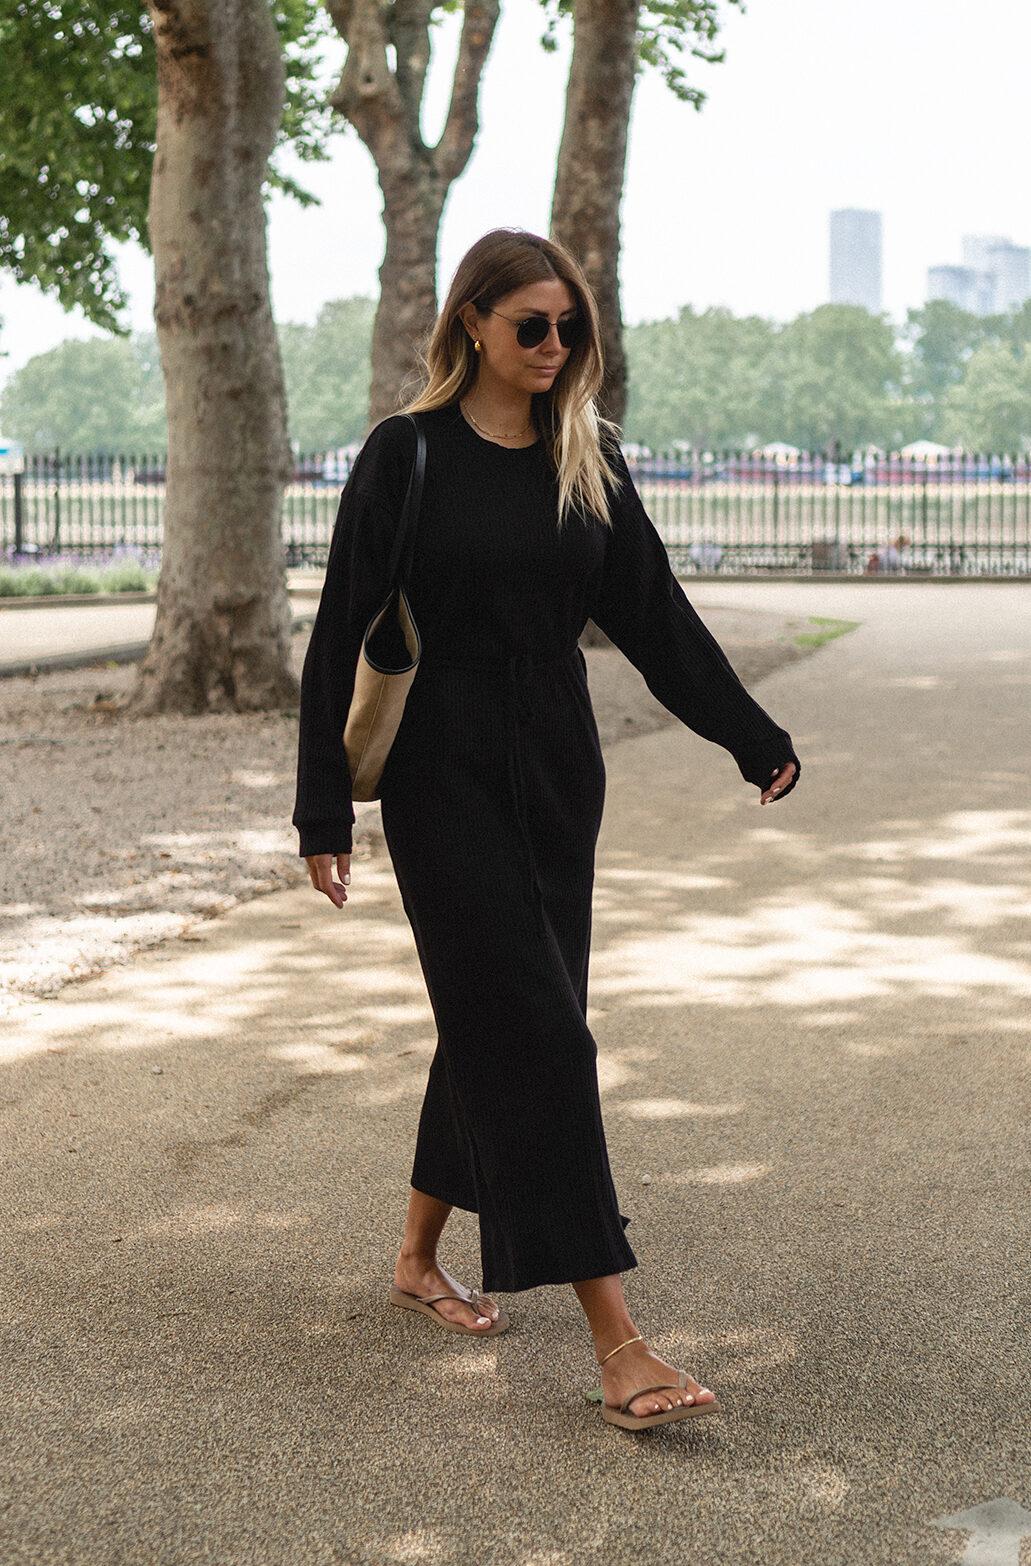 Emma Hill wear Baserange Shaw wrap kaftan dress in black, Sleepers x Envelope 1976 flip flops, beige canvas tote bag